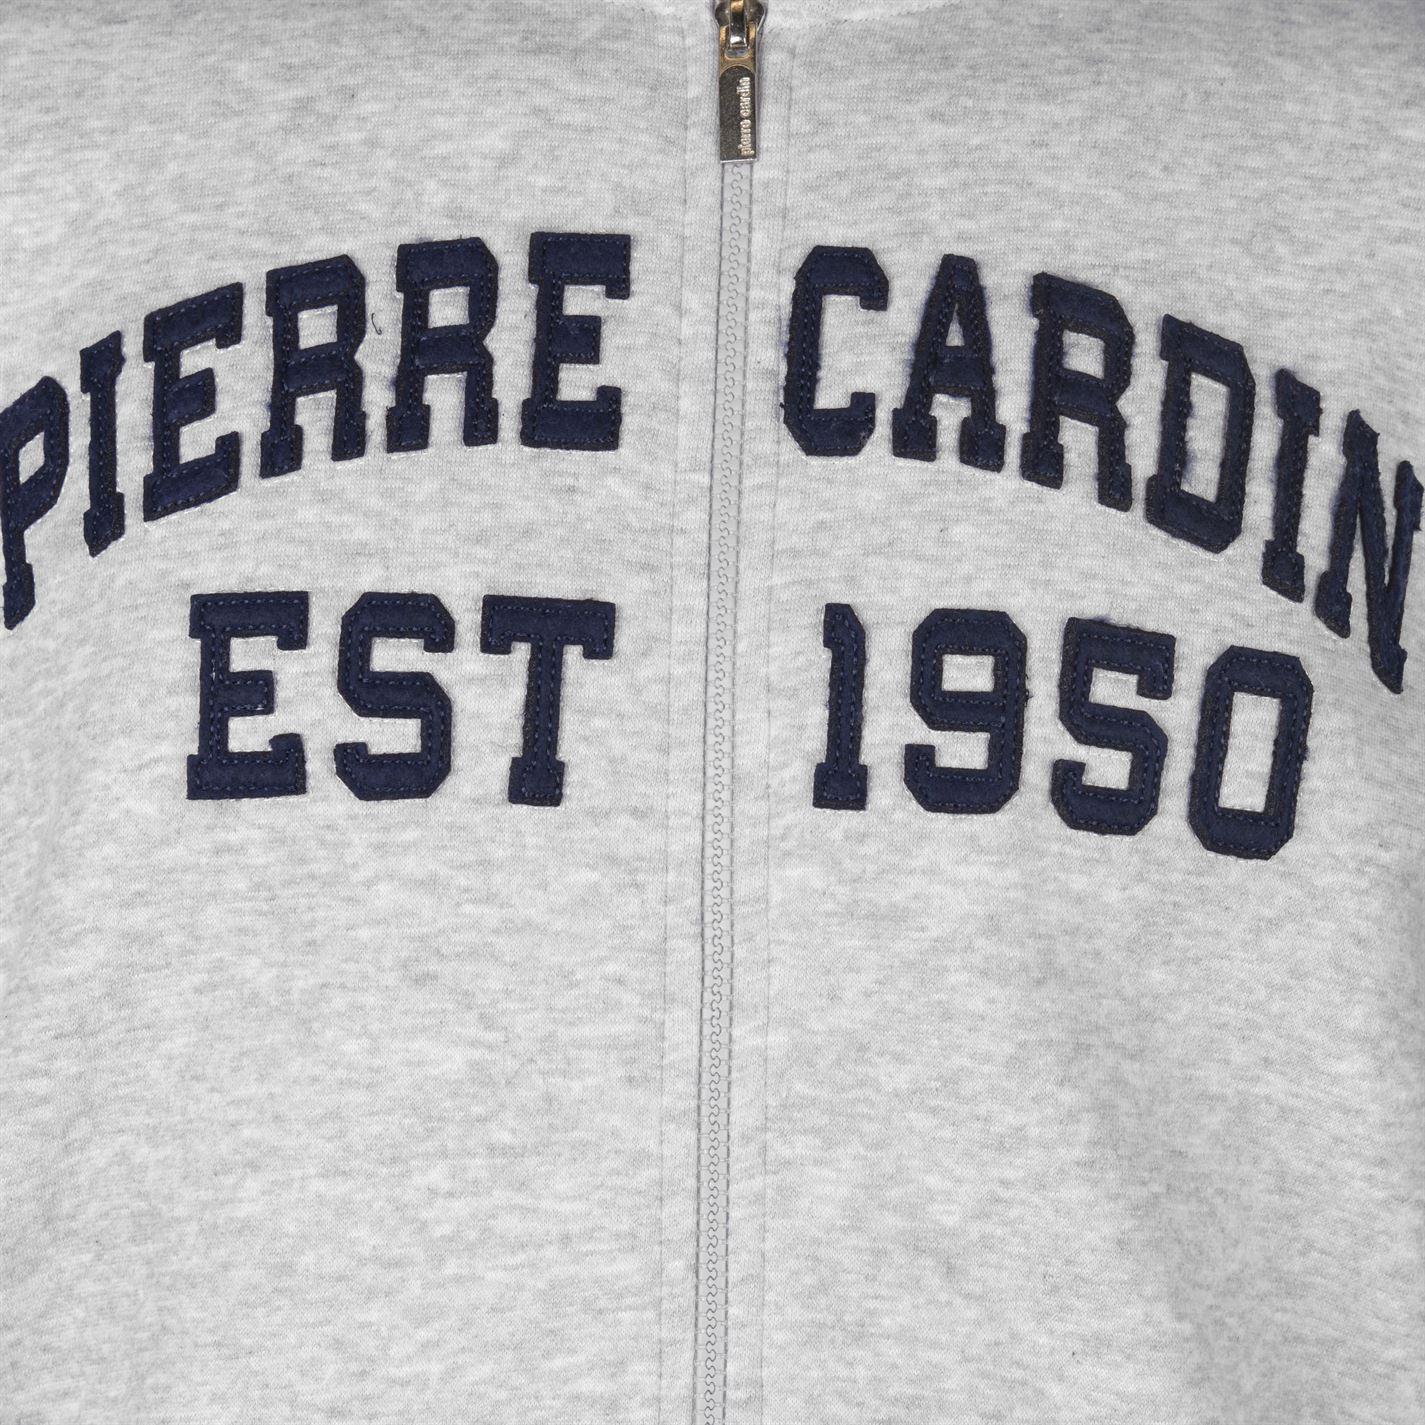 Pierre Cardin Applique felpa con cappuccio e cerniera Uomo Gents Felpa con cappuccio Felpa con cappuccio con cerniera